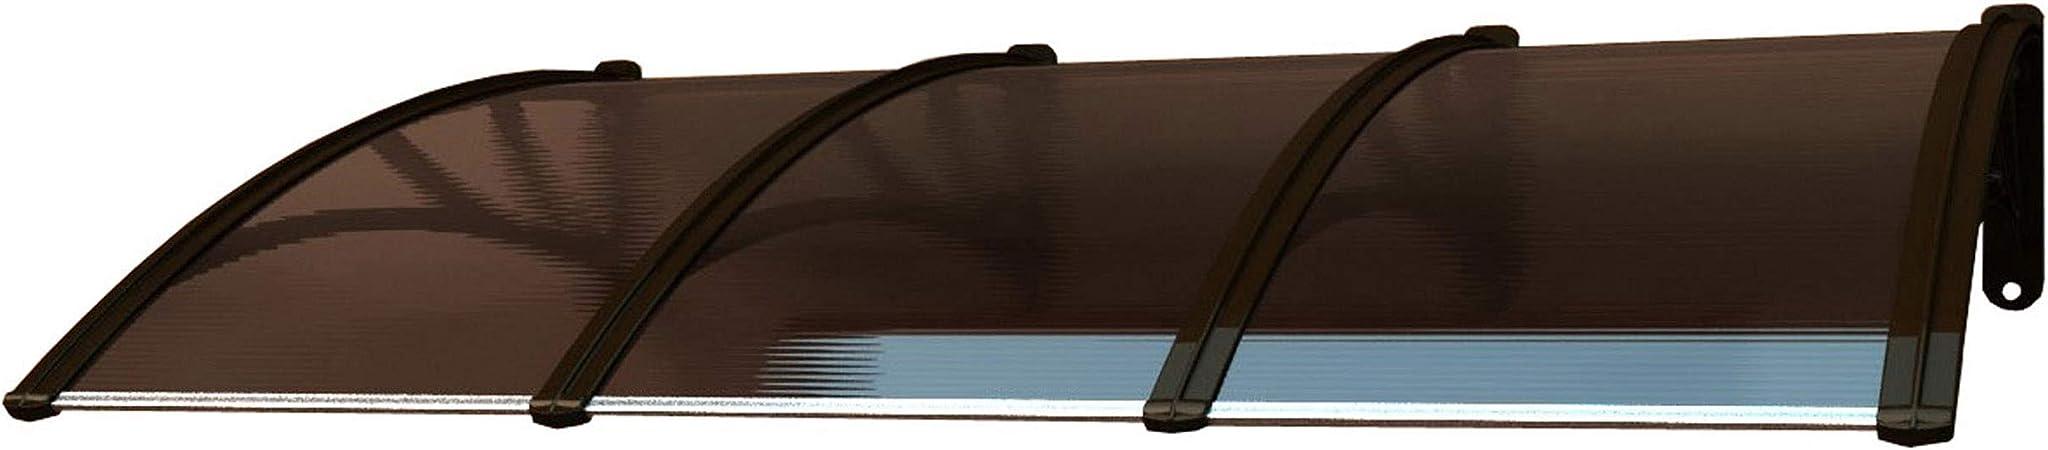 Outdoor PVC T/ür Vordach Terrasse Vorzelt Wasserdicht Unterschlupf Gro/ße Fenster Dach Vordach Braun Schatten Veranda Regenschutz 220x105 cm